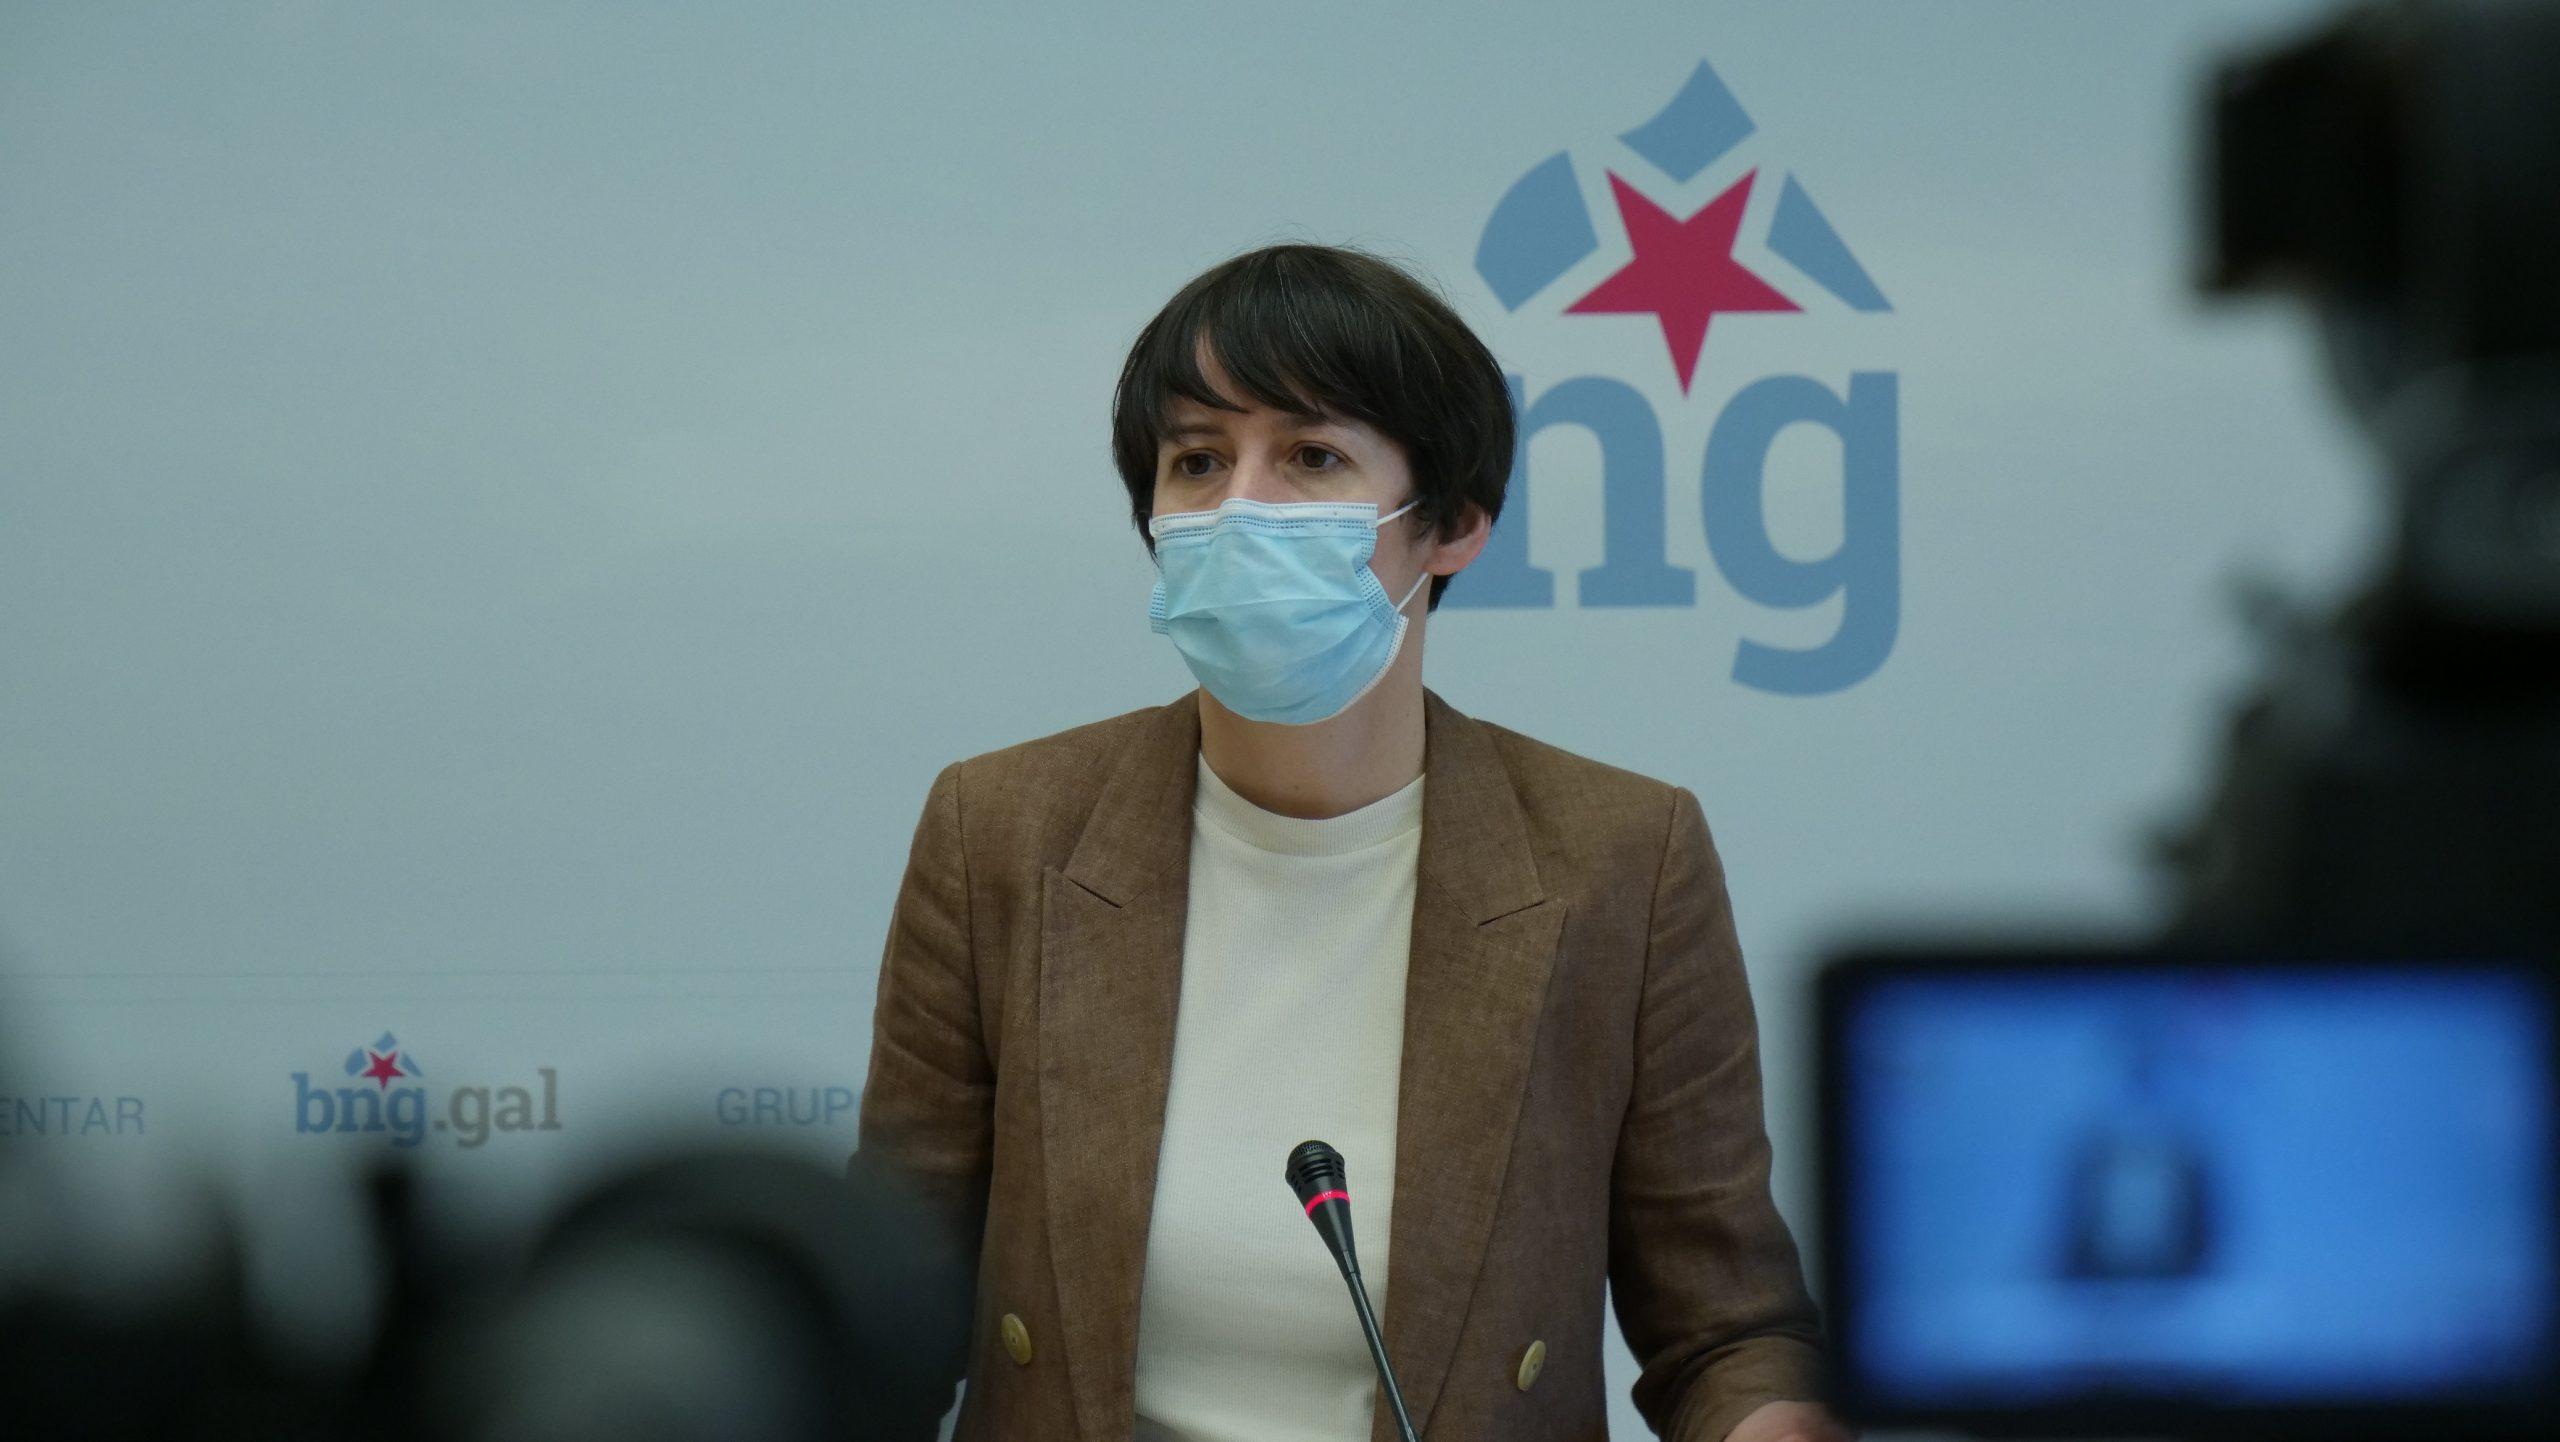 Pontón denuncia a situación límite da sanidade e propón un plan de choque cun investimento de 200M€ na Atención Primaria